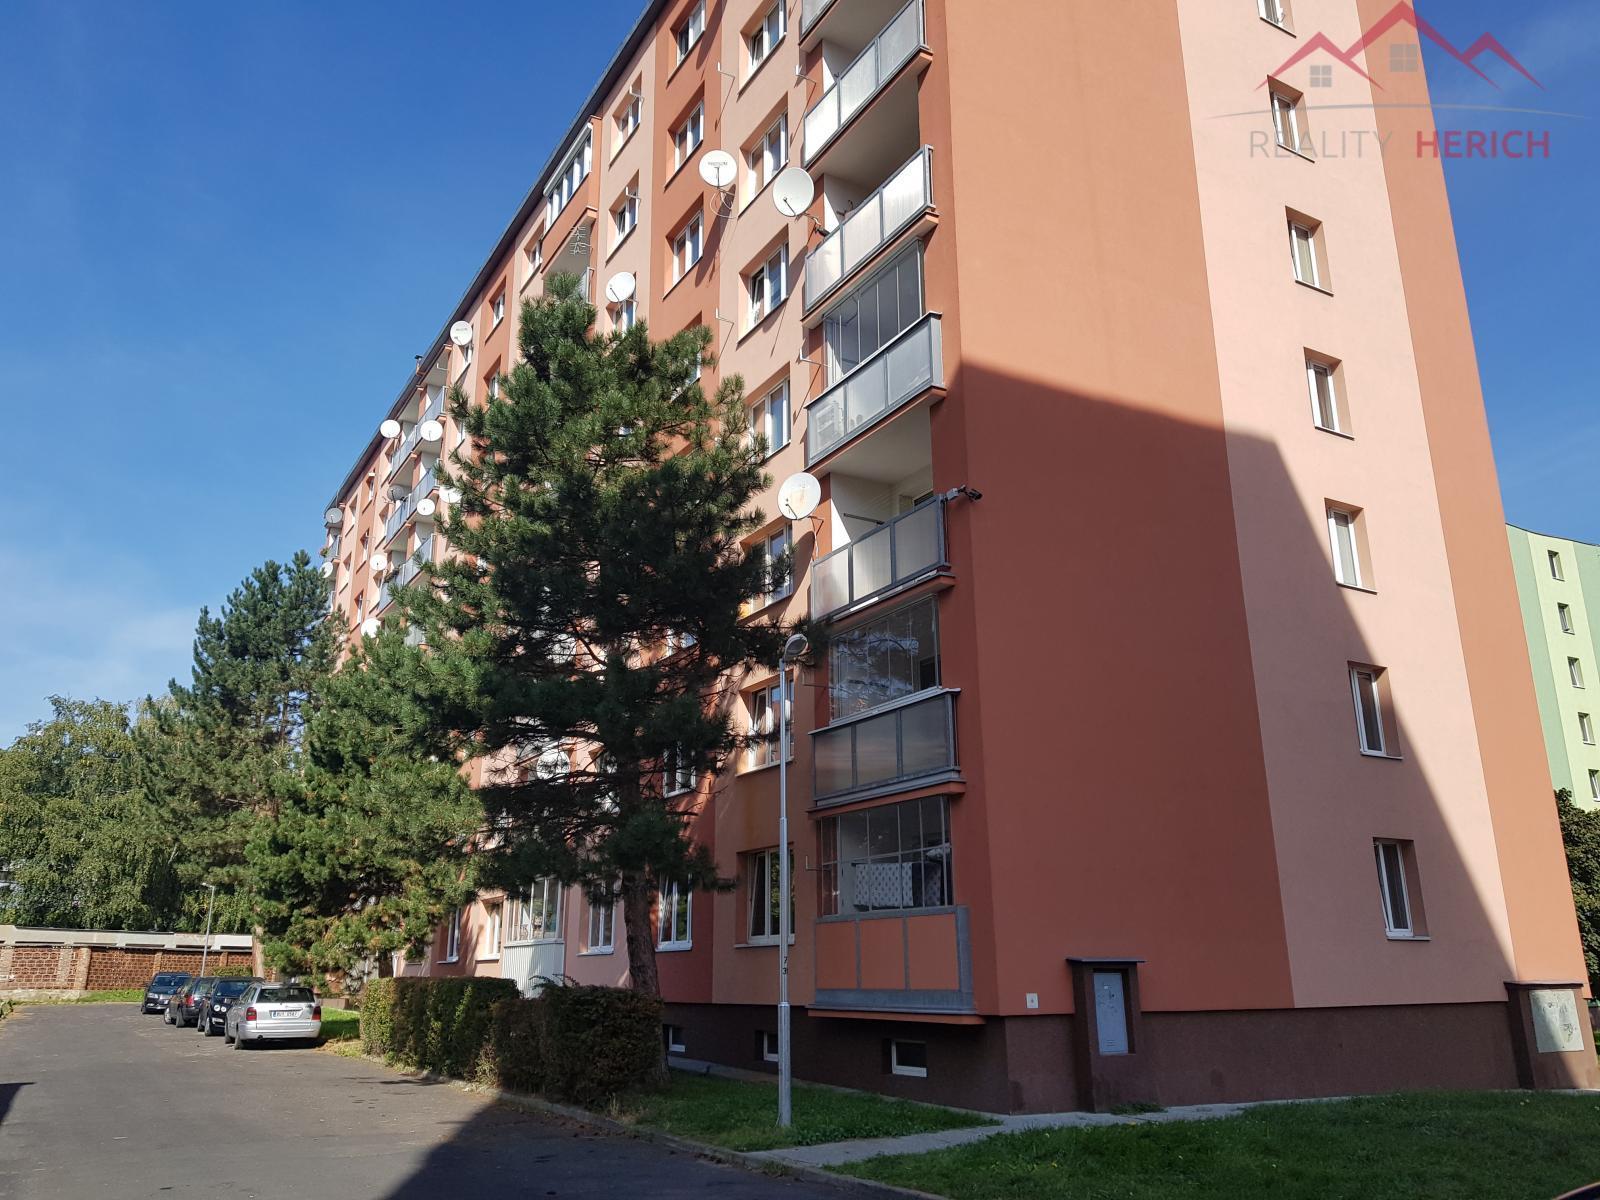 Pronájem bytu 1+1, OV, 36 m2, Studentská ulice, Jirkov